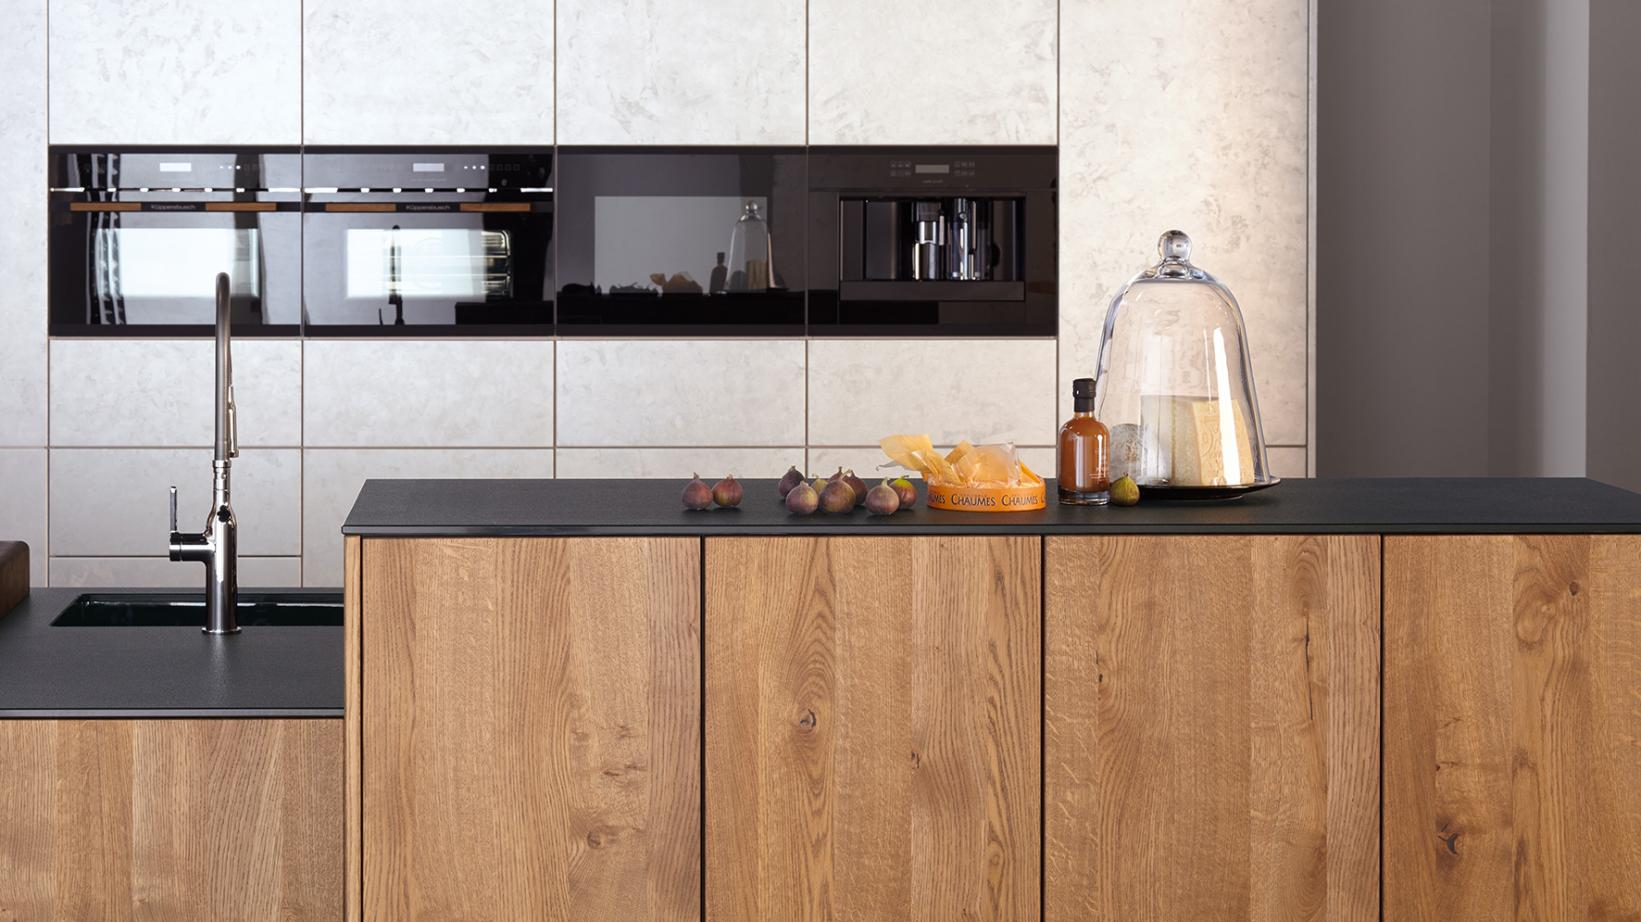 Handgemaakte houten keukens nieuws startpagina voor keuken idee n uw - Keuken steen en hout ...